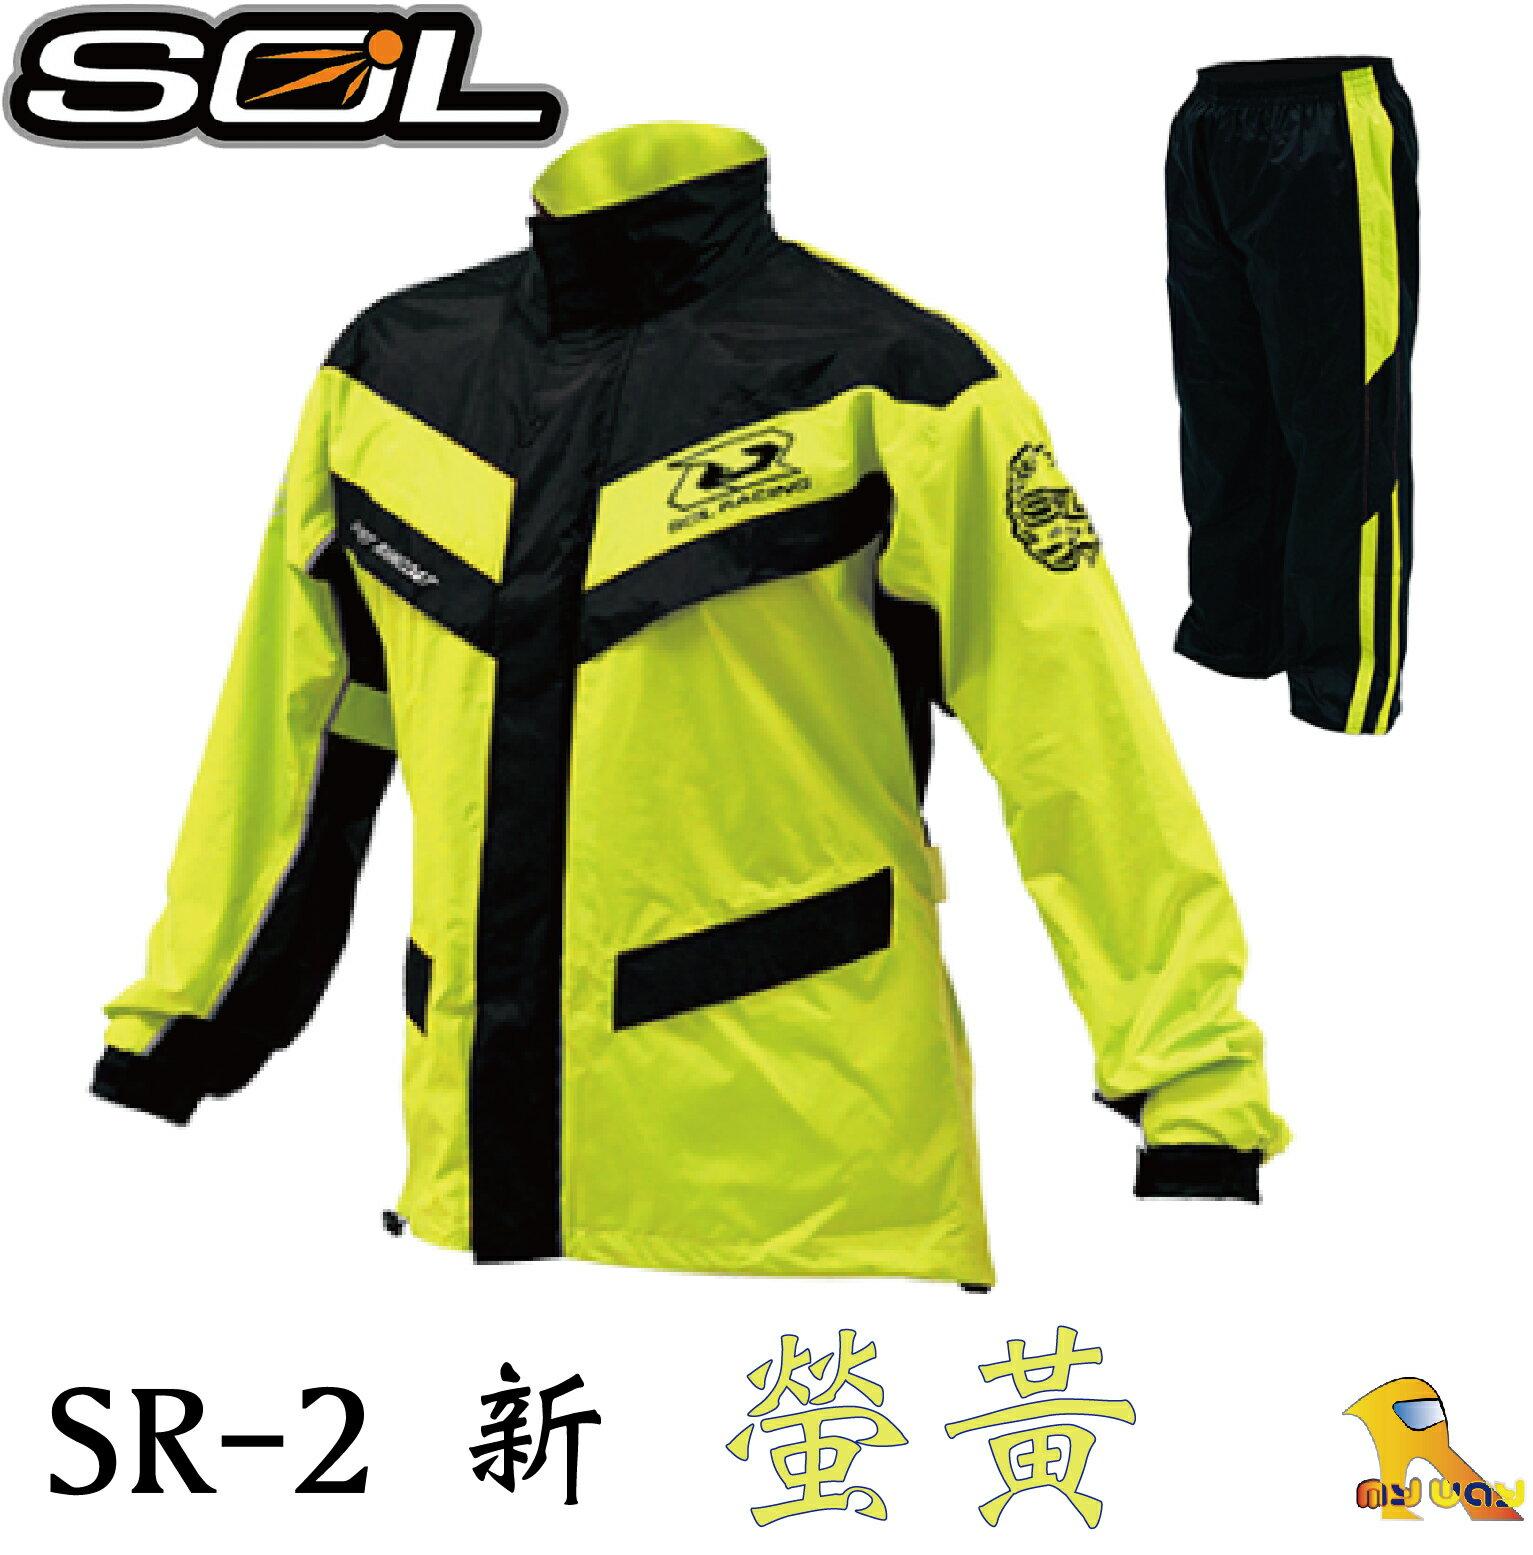 ~任我行騎士部品~SOL SR-2 SR2 兩件式 風雨衣 全新改款 附雨鞋套 #螢光黃